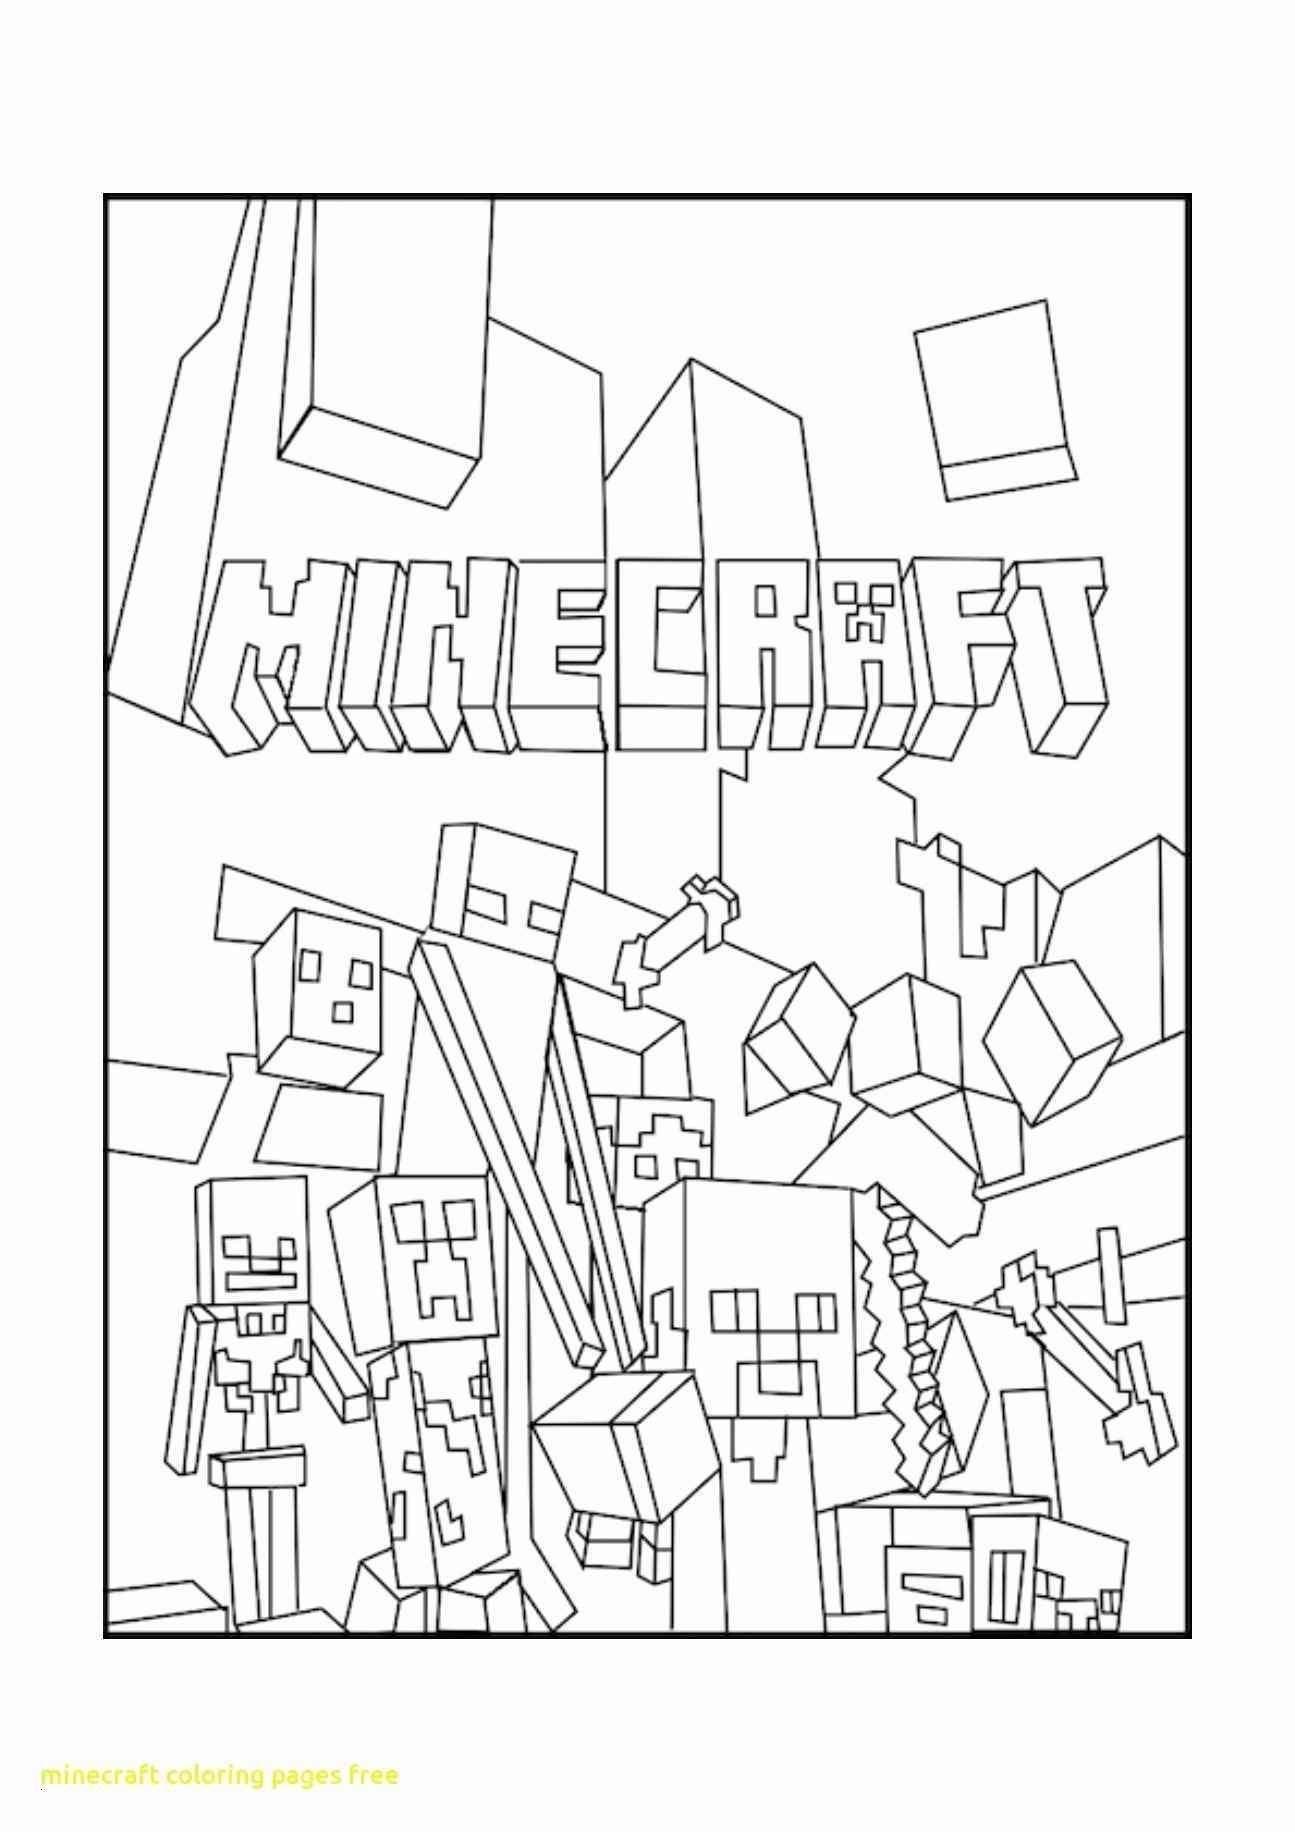 57 Inspirierend Minecraft Ausmalbilder Drucken (Mit Bildern verwandt mit Minecraft Ausmalbilder Zum Ausdrucken